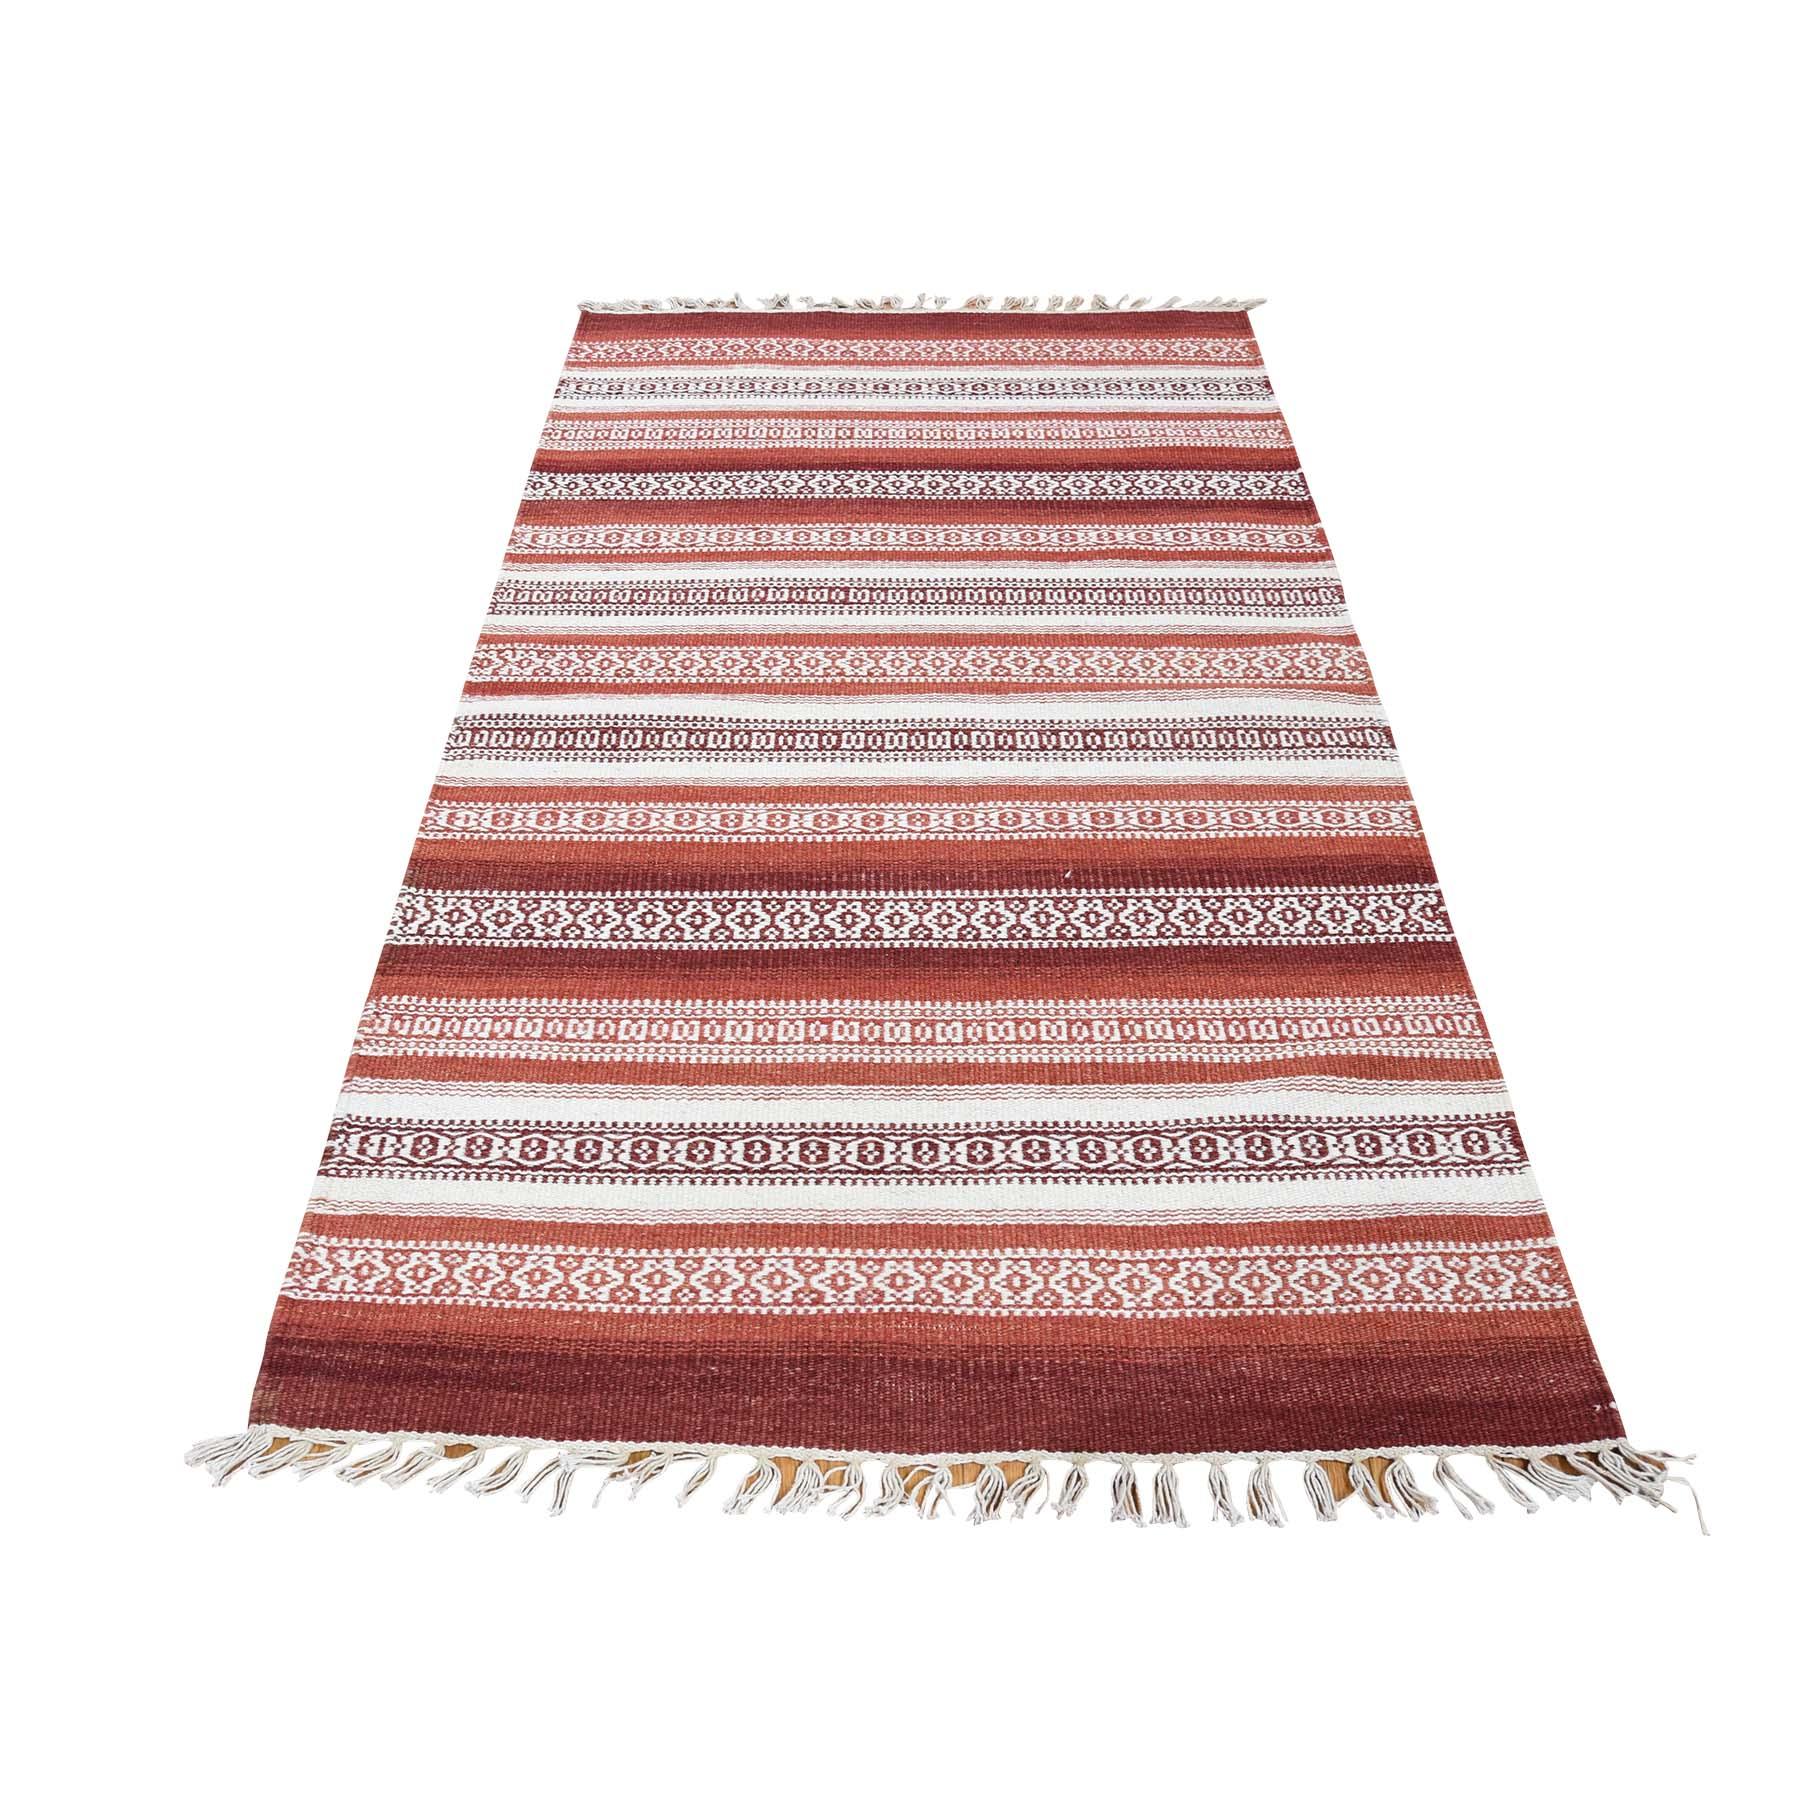 Fine Kilim Collection Hand Woven Multicolored Rug No: 0180212